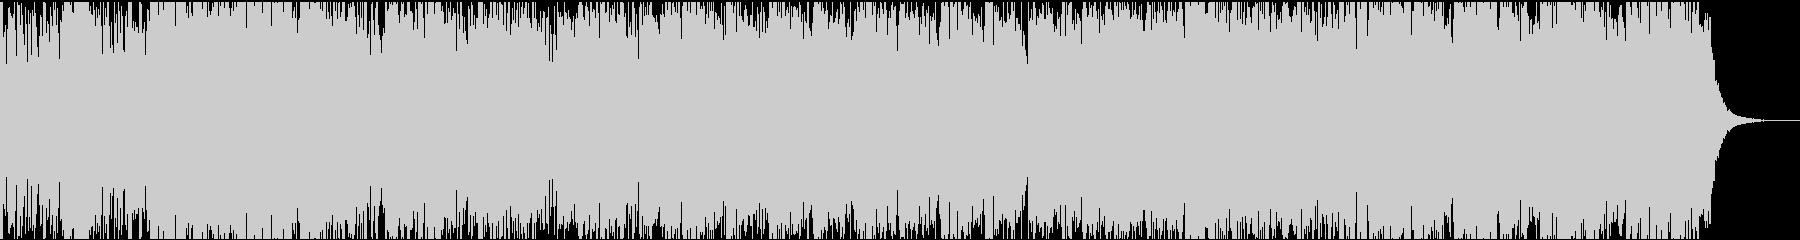 軽快なフィドルのケルトミュージックの未再生の波形